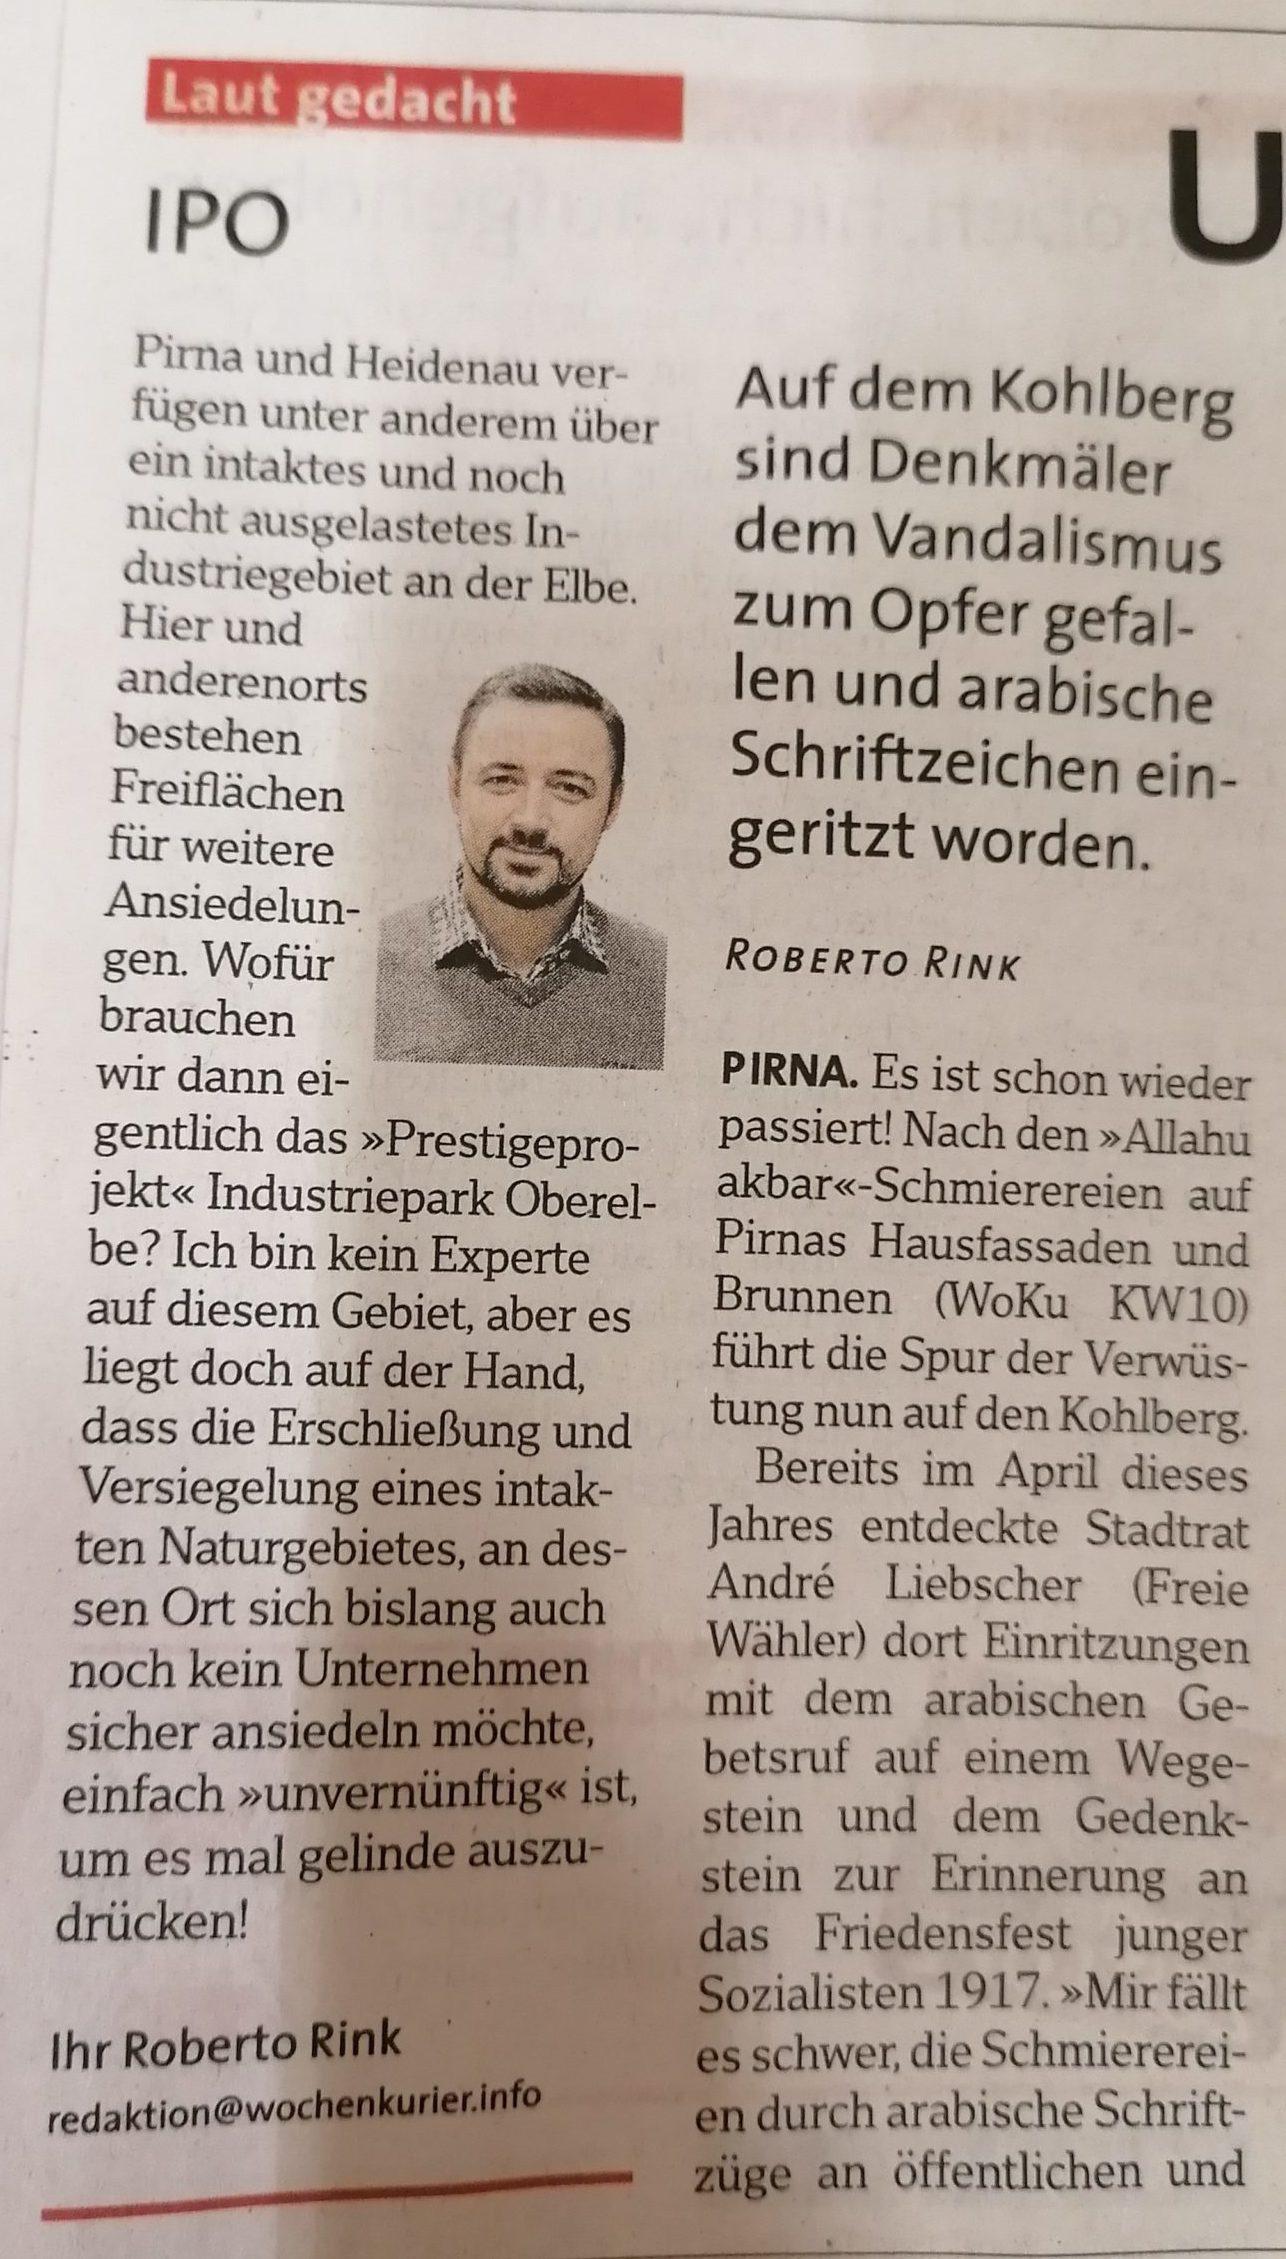 IPOstoppen - Zeitung 08